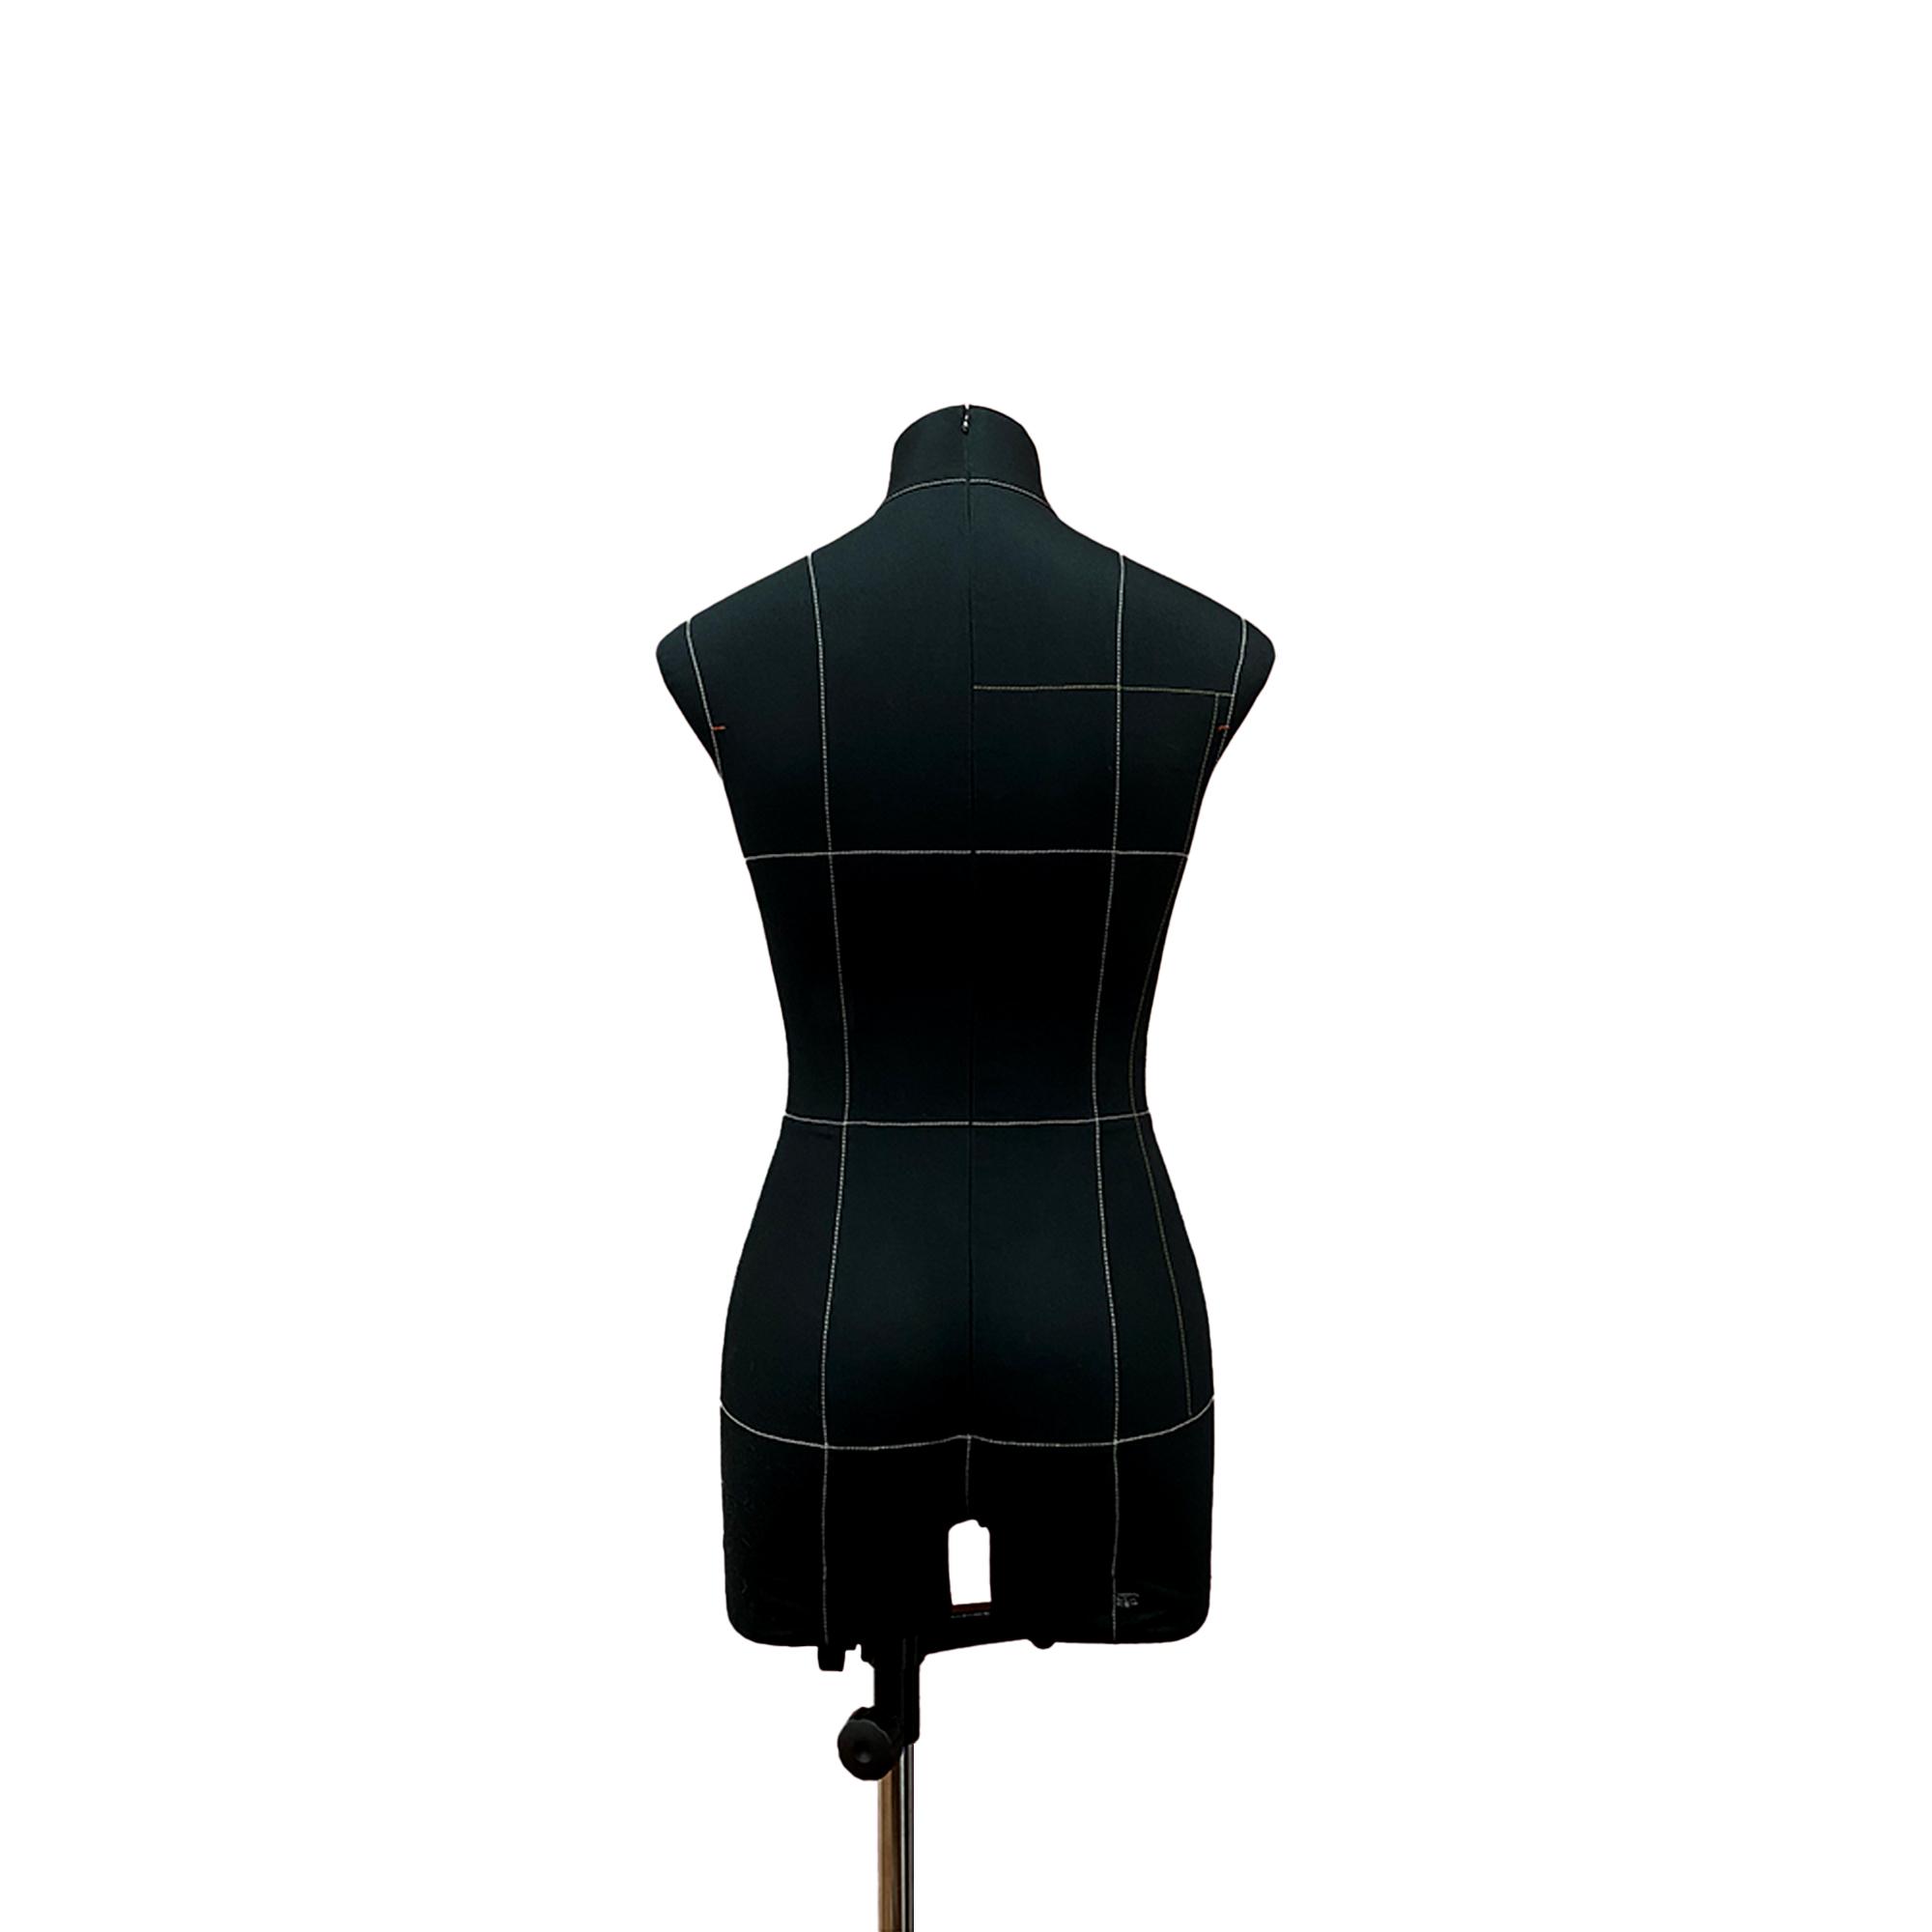 Манекен портновский Моника, комплект Премиум, размер 44, тип фигуры Прямоугольник, черныйФото 2